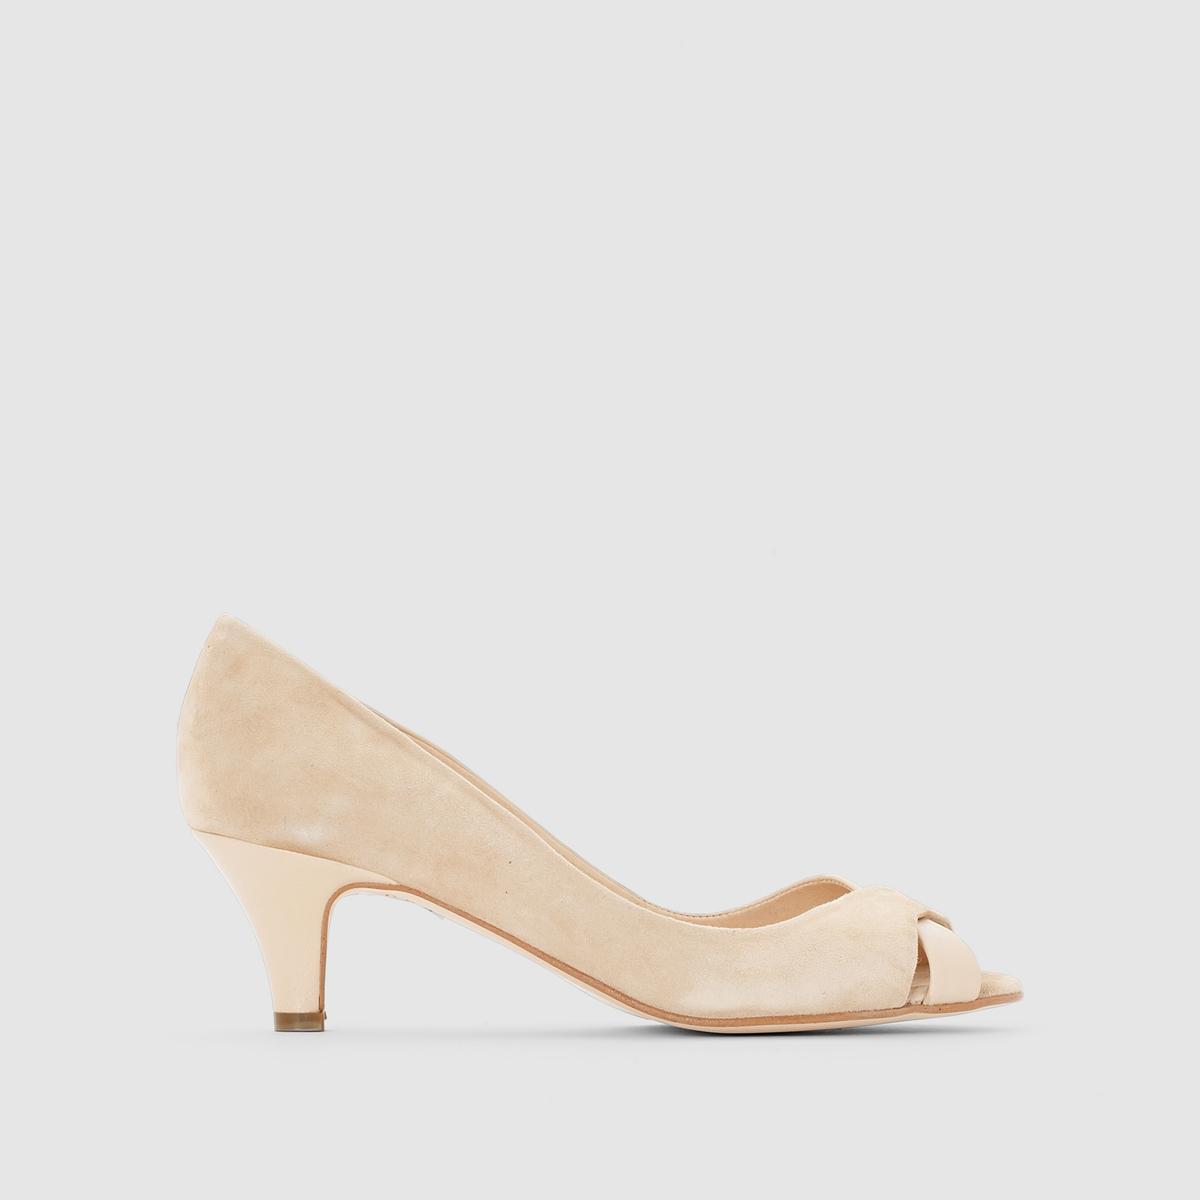 Туфли из двух материалов на каблукеПреимущества  : элегантный и шикарные туфли на каблуке JONAK из двух материалов: блестящего и под замшу в тон.<br><br>Цвет: бежевый,черный<br>Размер: 39.37.36